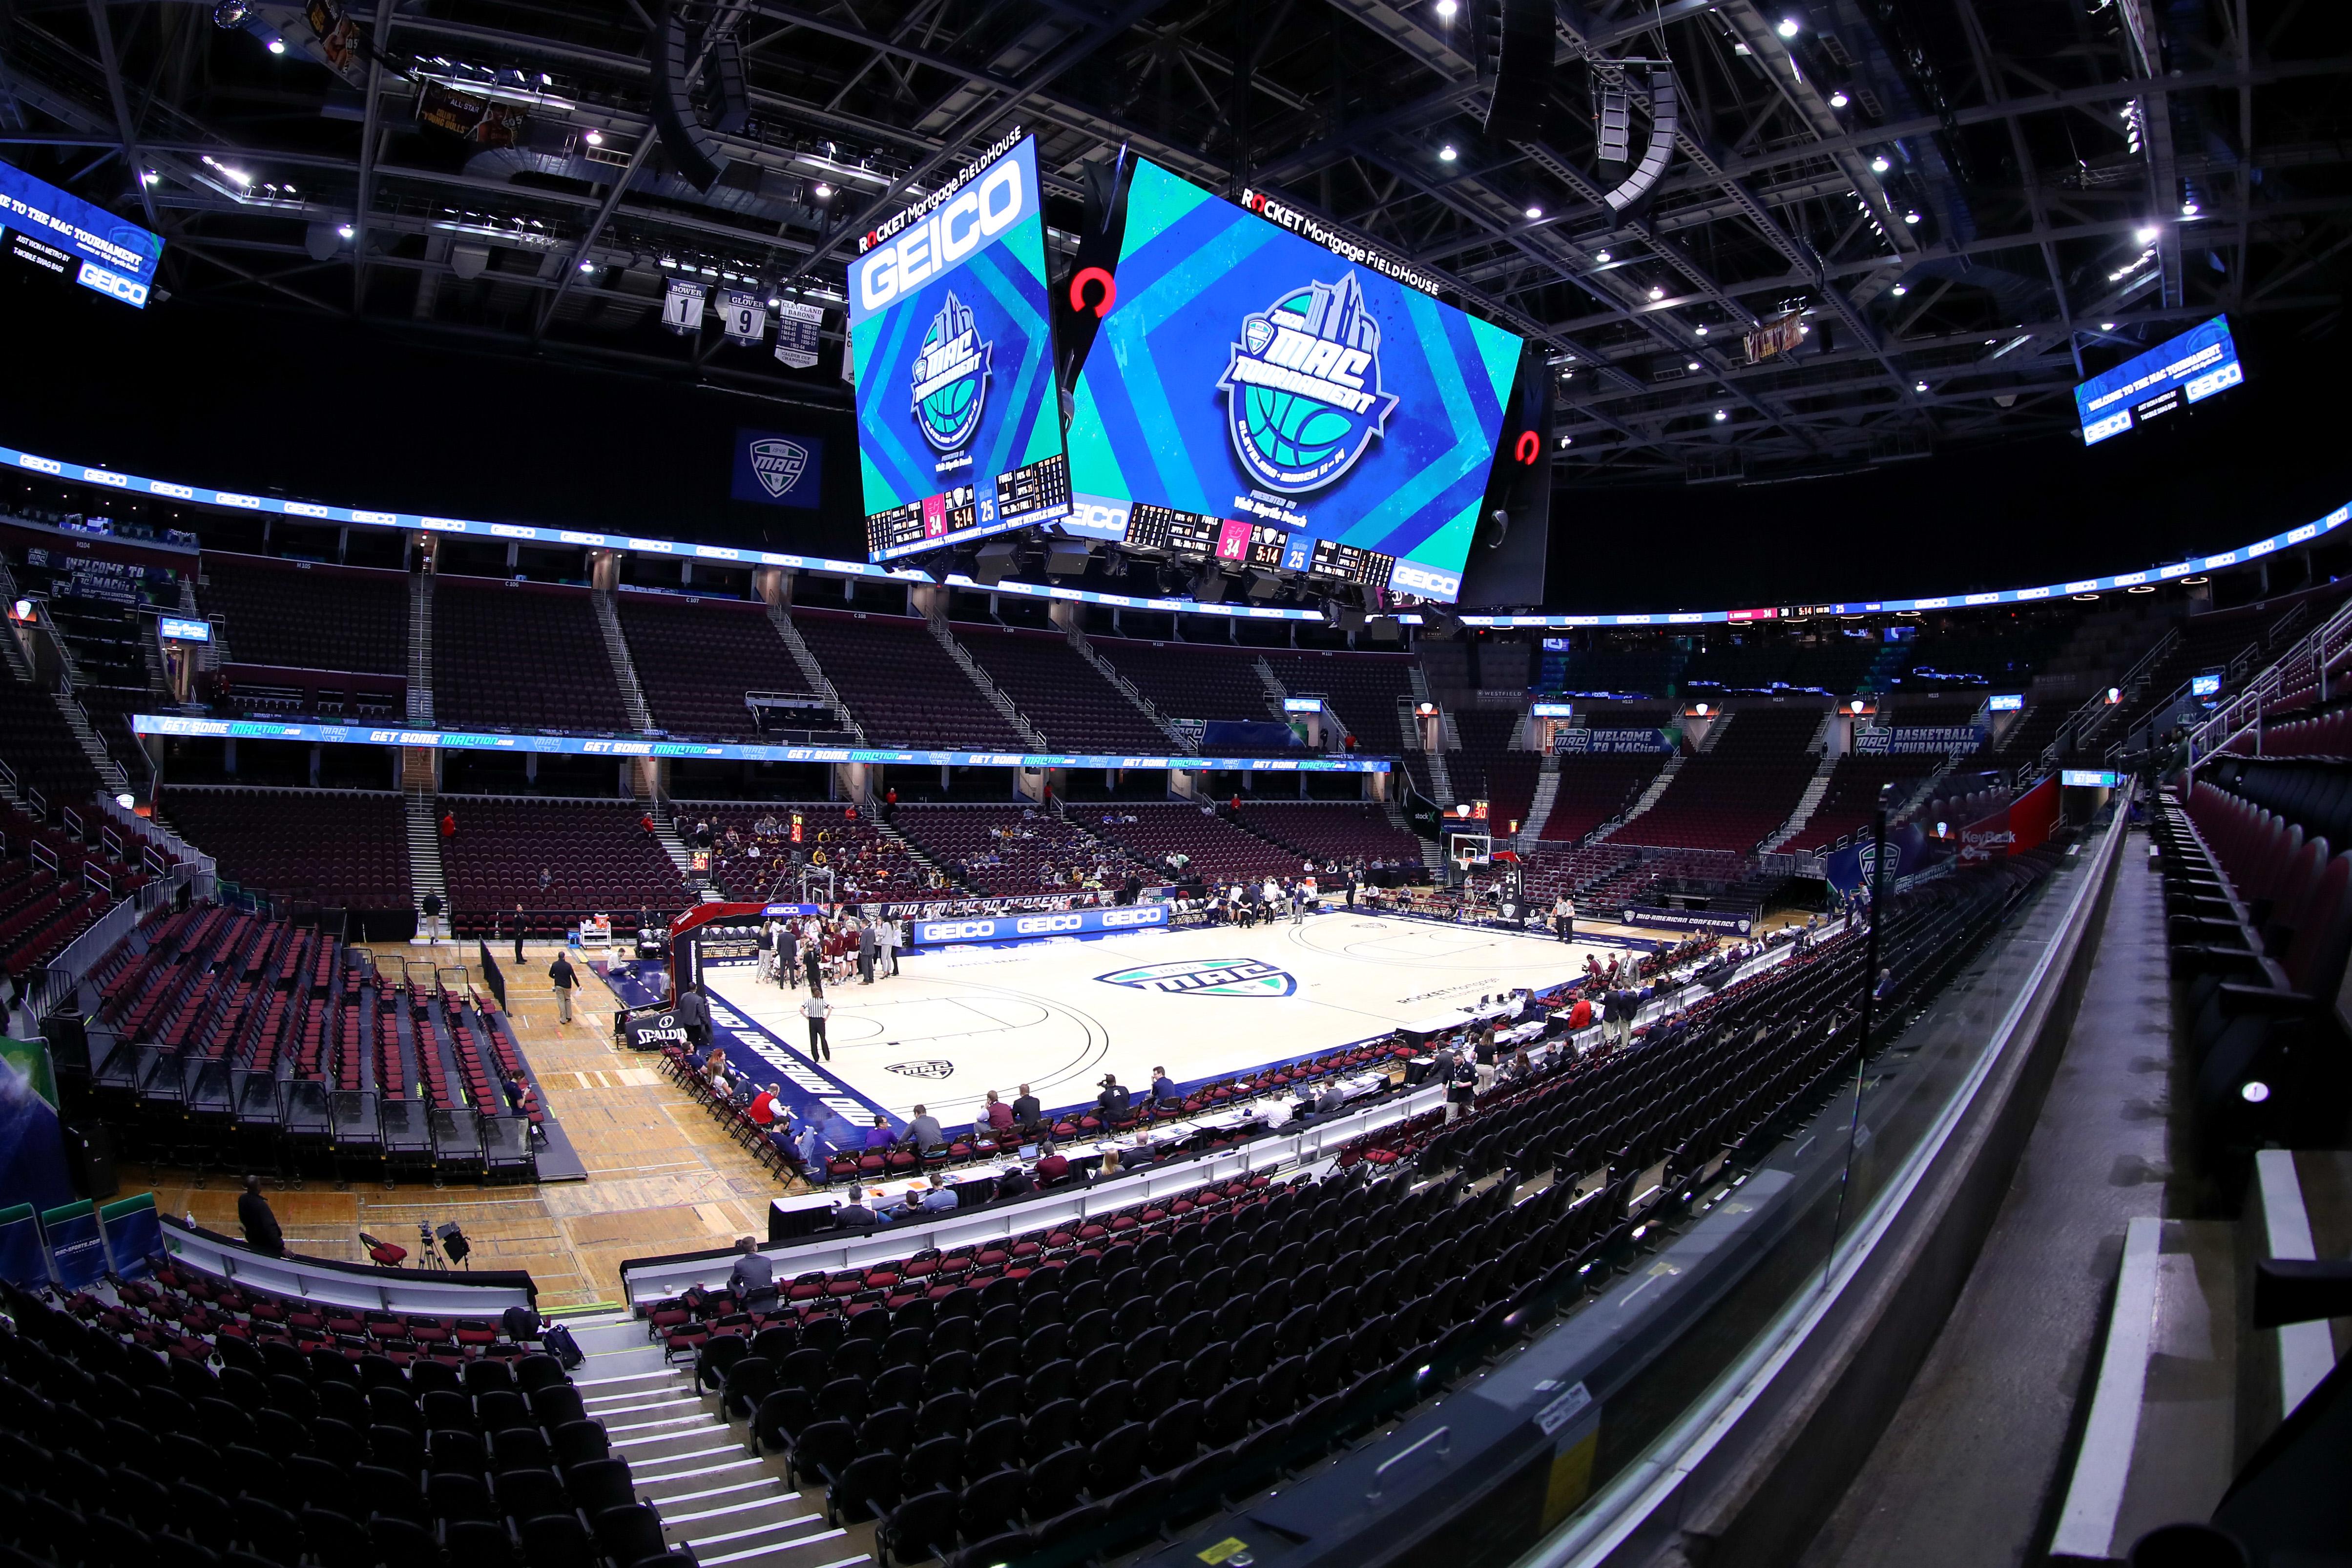 大学篮球:3月11日MAC女子锦标赛-密歇根州中部对托莱多